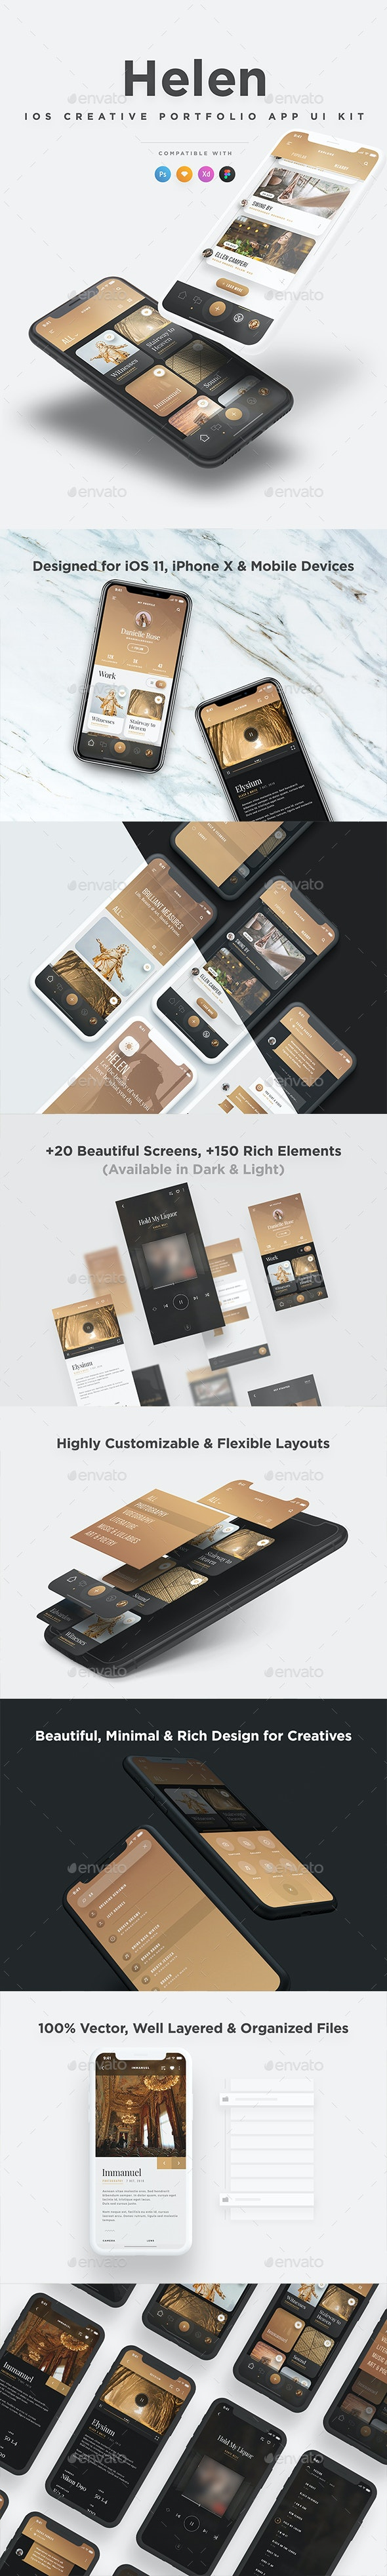 Helen iOS UI Kit - Elegant iOS Creative Portfolio UI Kit - User Interfaces Web Elements